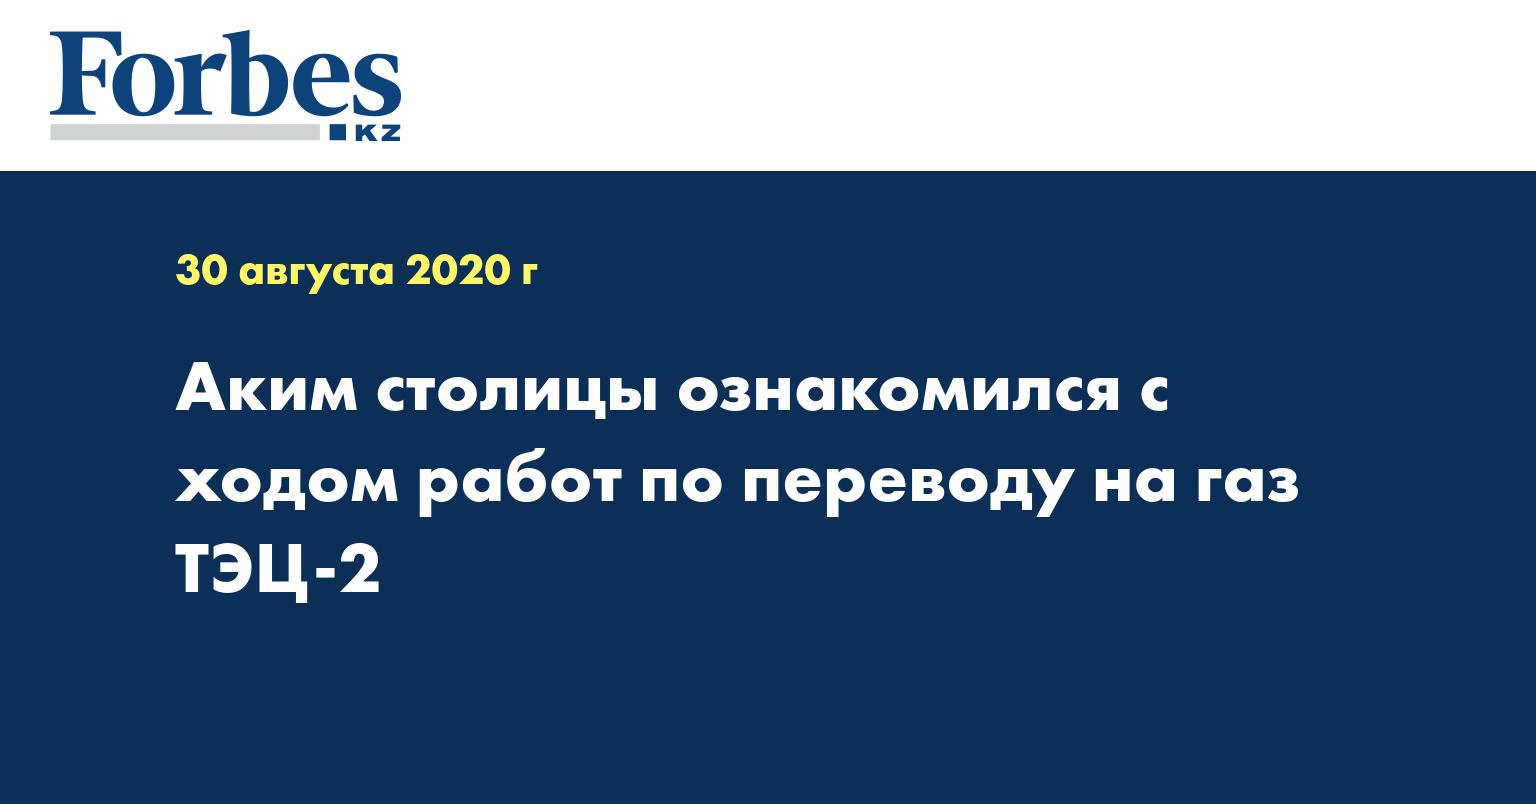 Аким столицы ознакомился с ходом работ по переводу на газ ТЭЦ-2